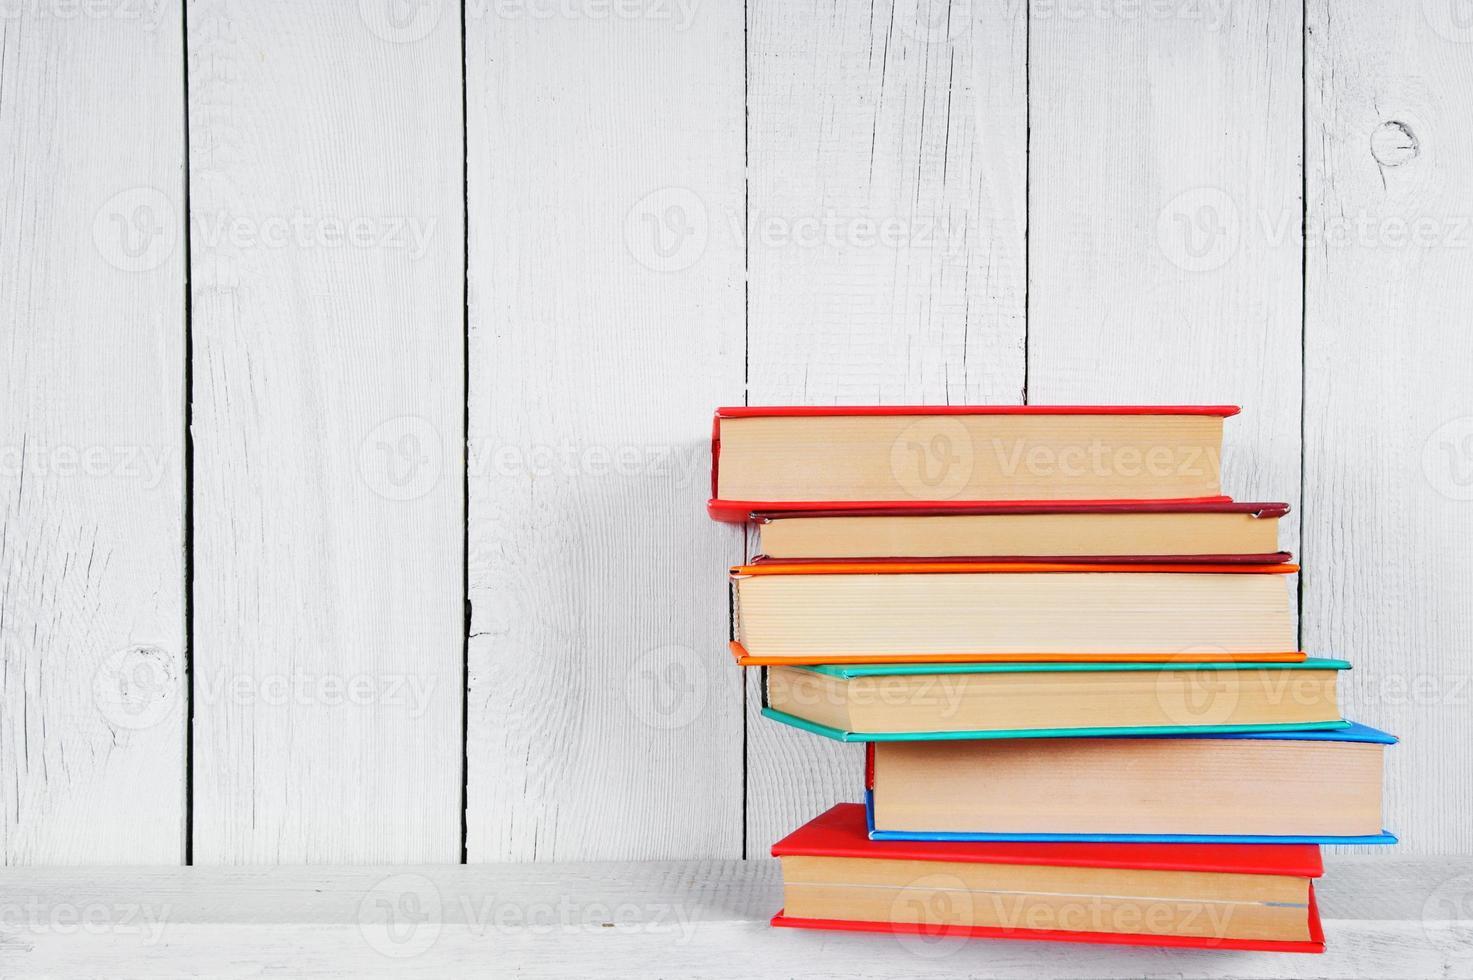 boeken op een houten plank. foto